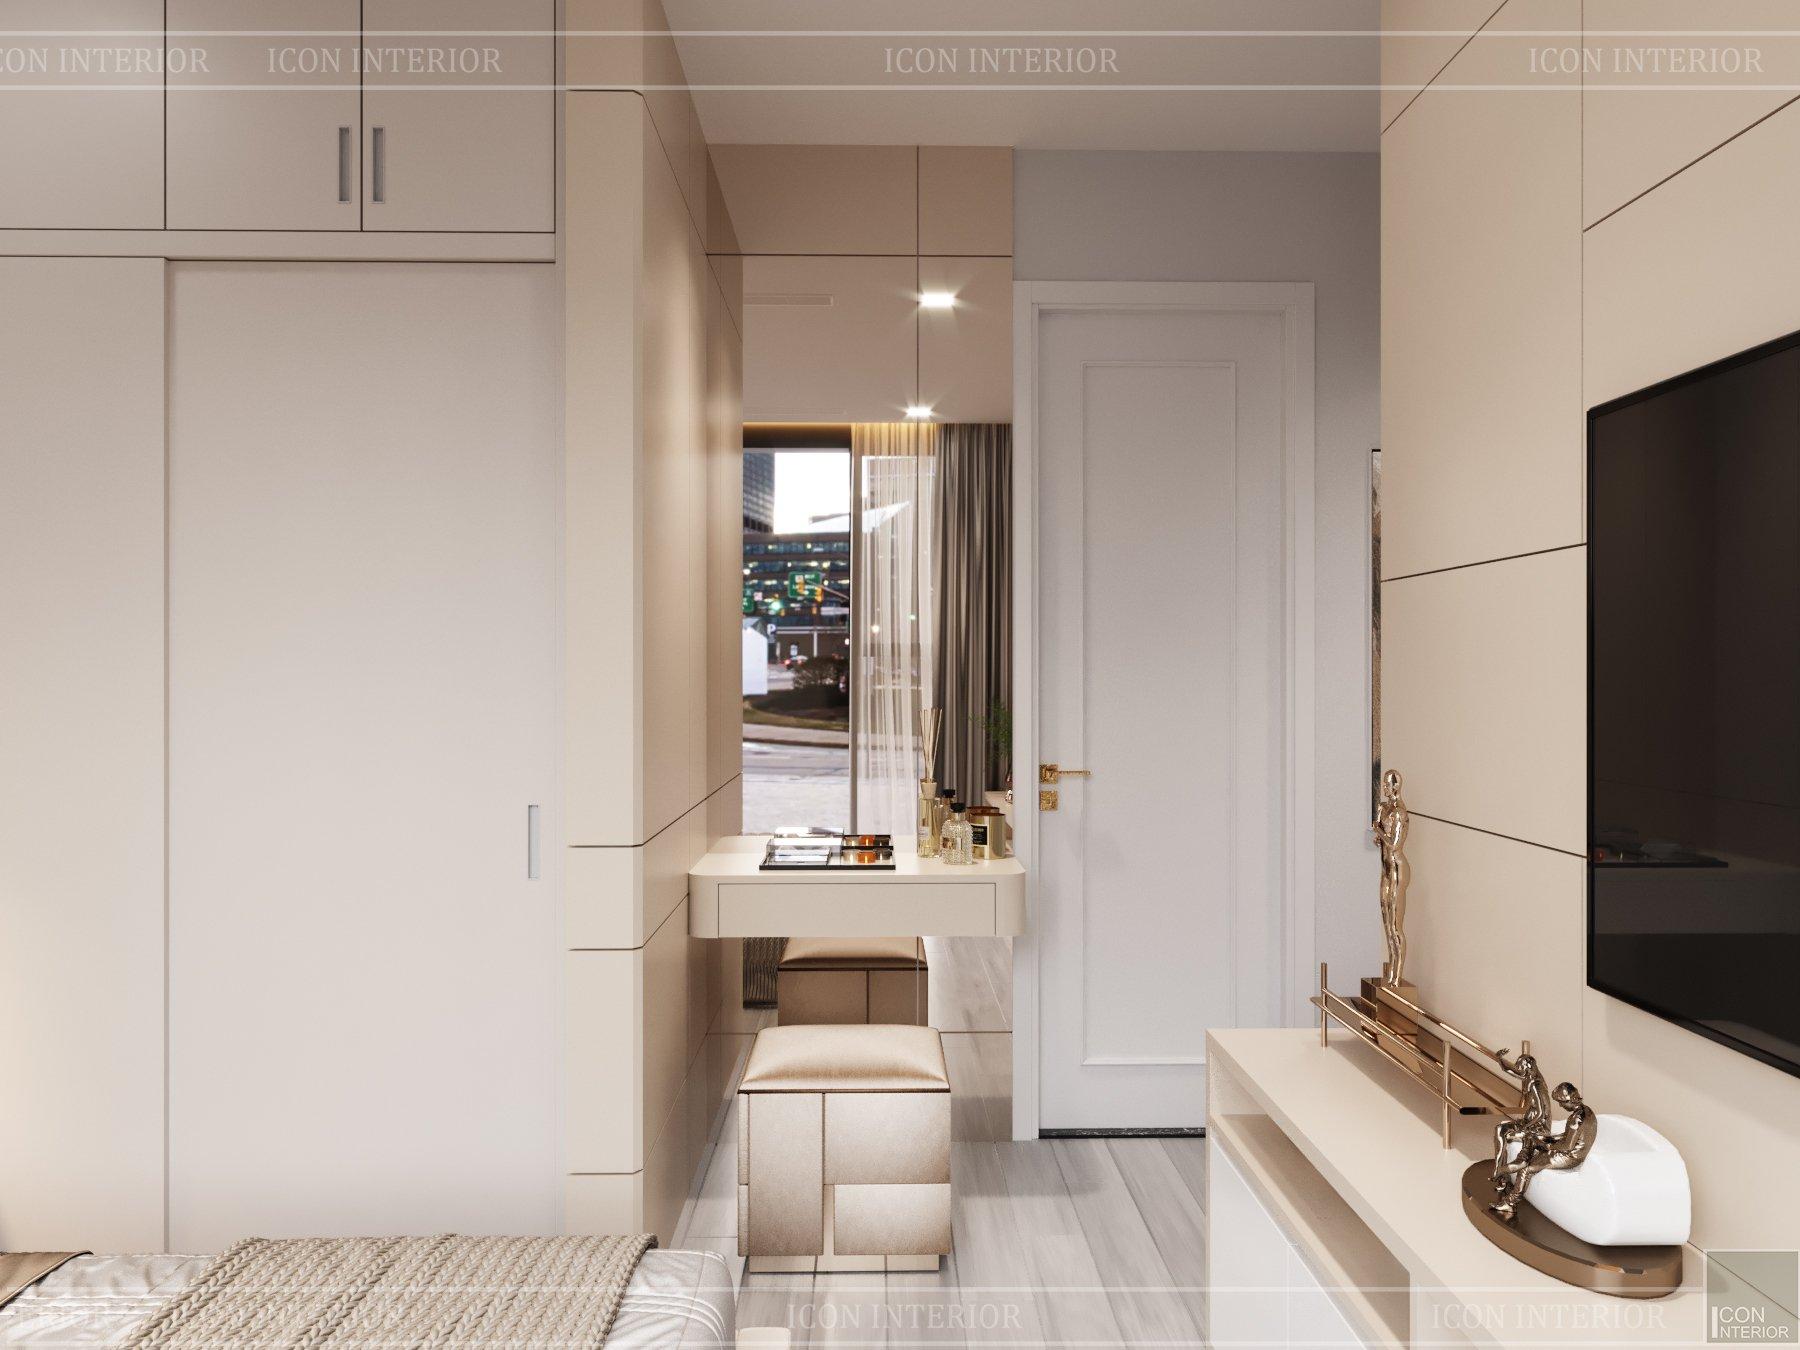 thiết kế chung cư nhỏ 56m2